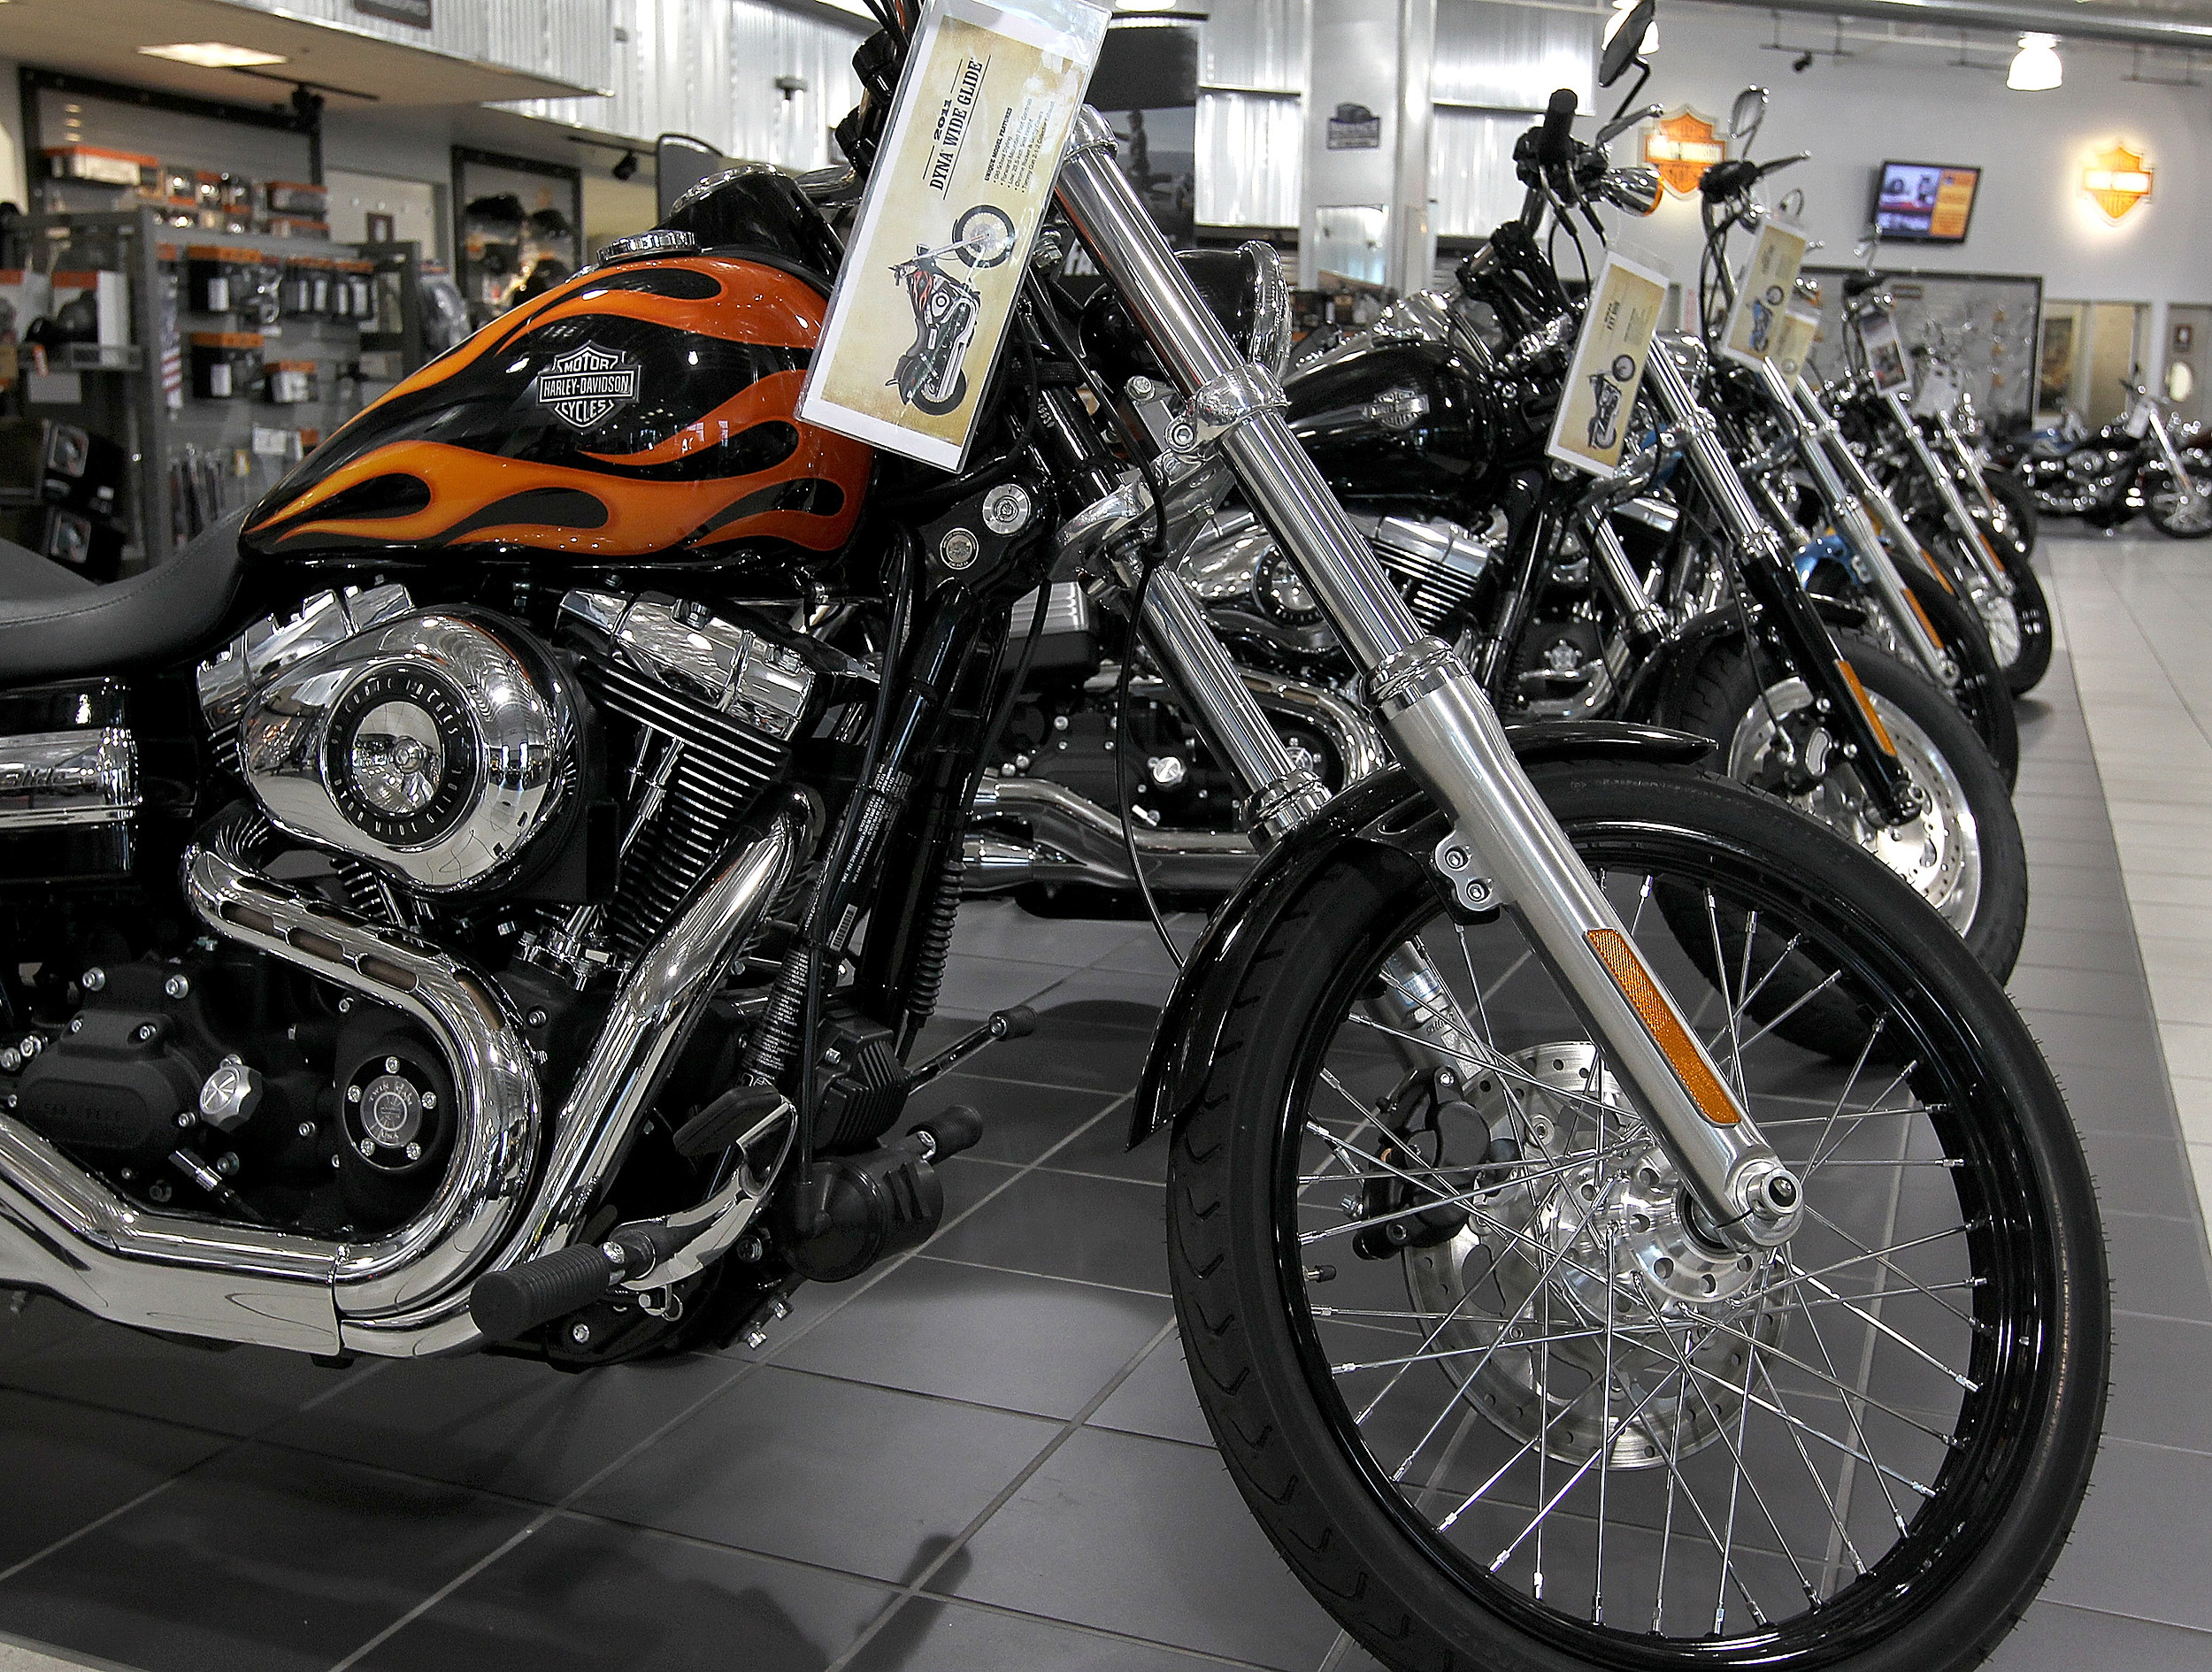 Are motorcycles safe in El Paso